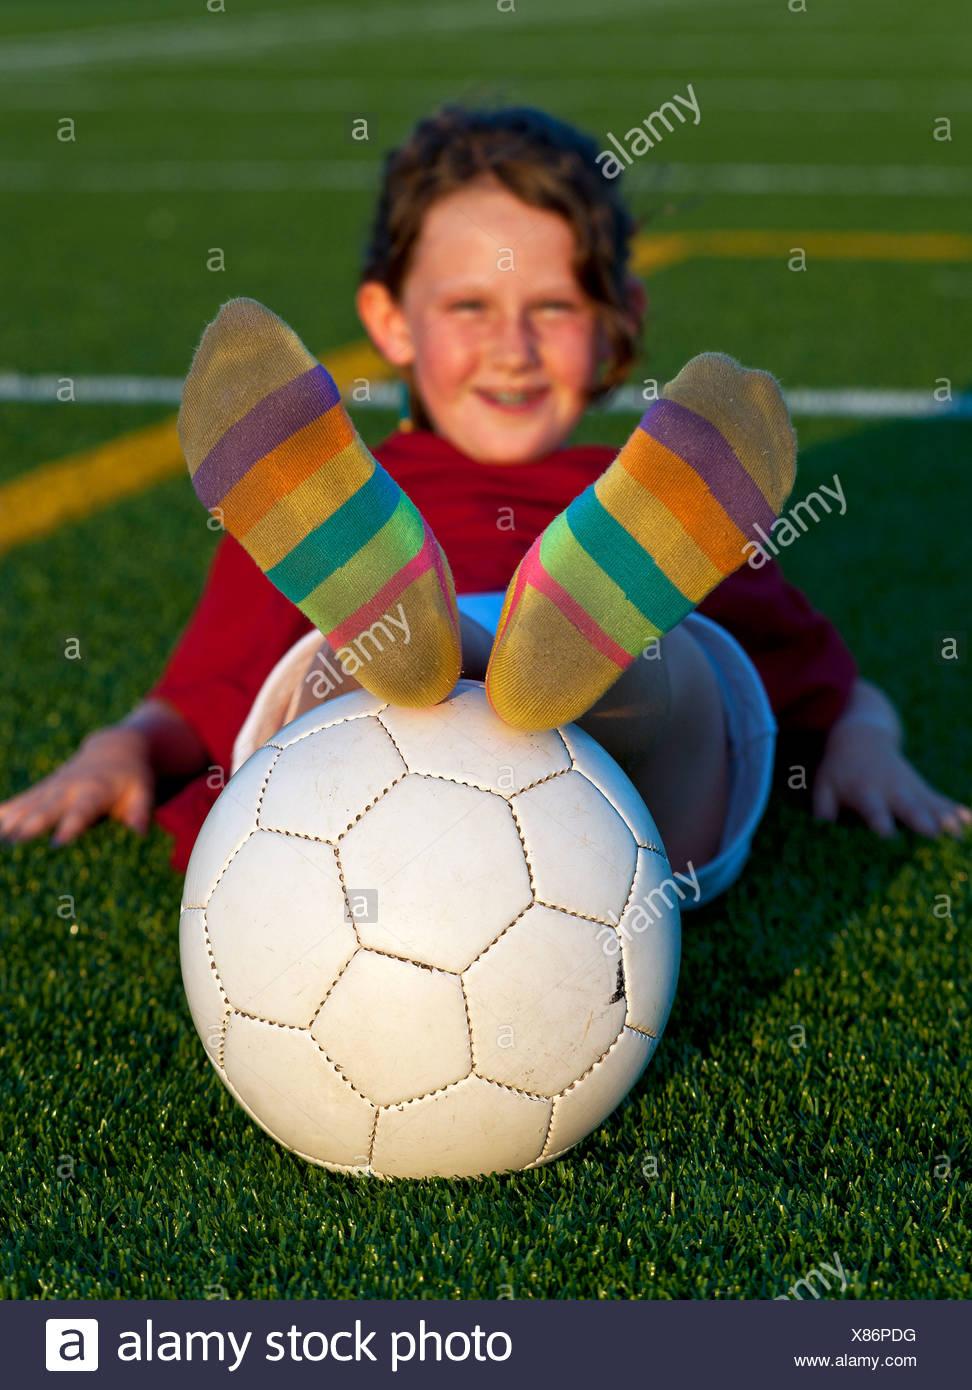 Ritratto di ragazza con pallone da calcio. Immagini Stock